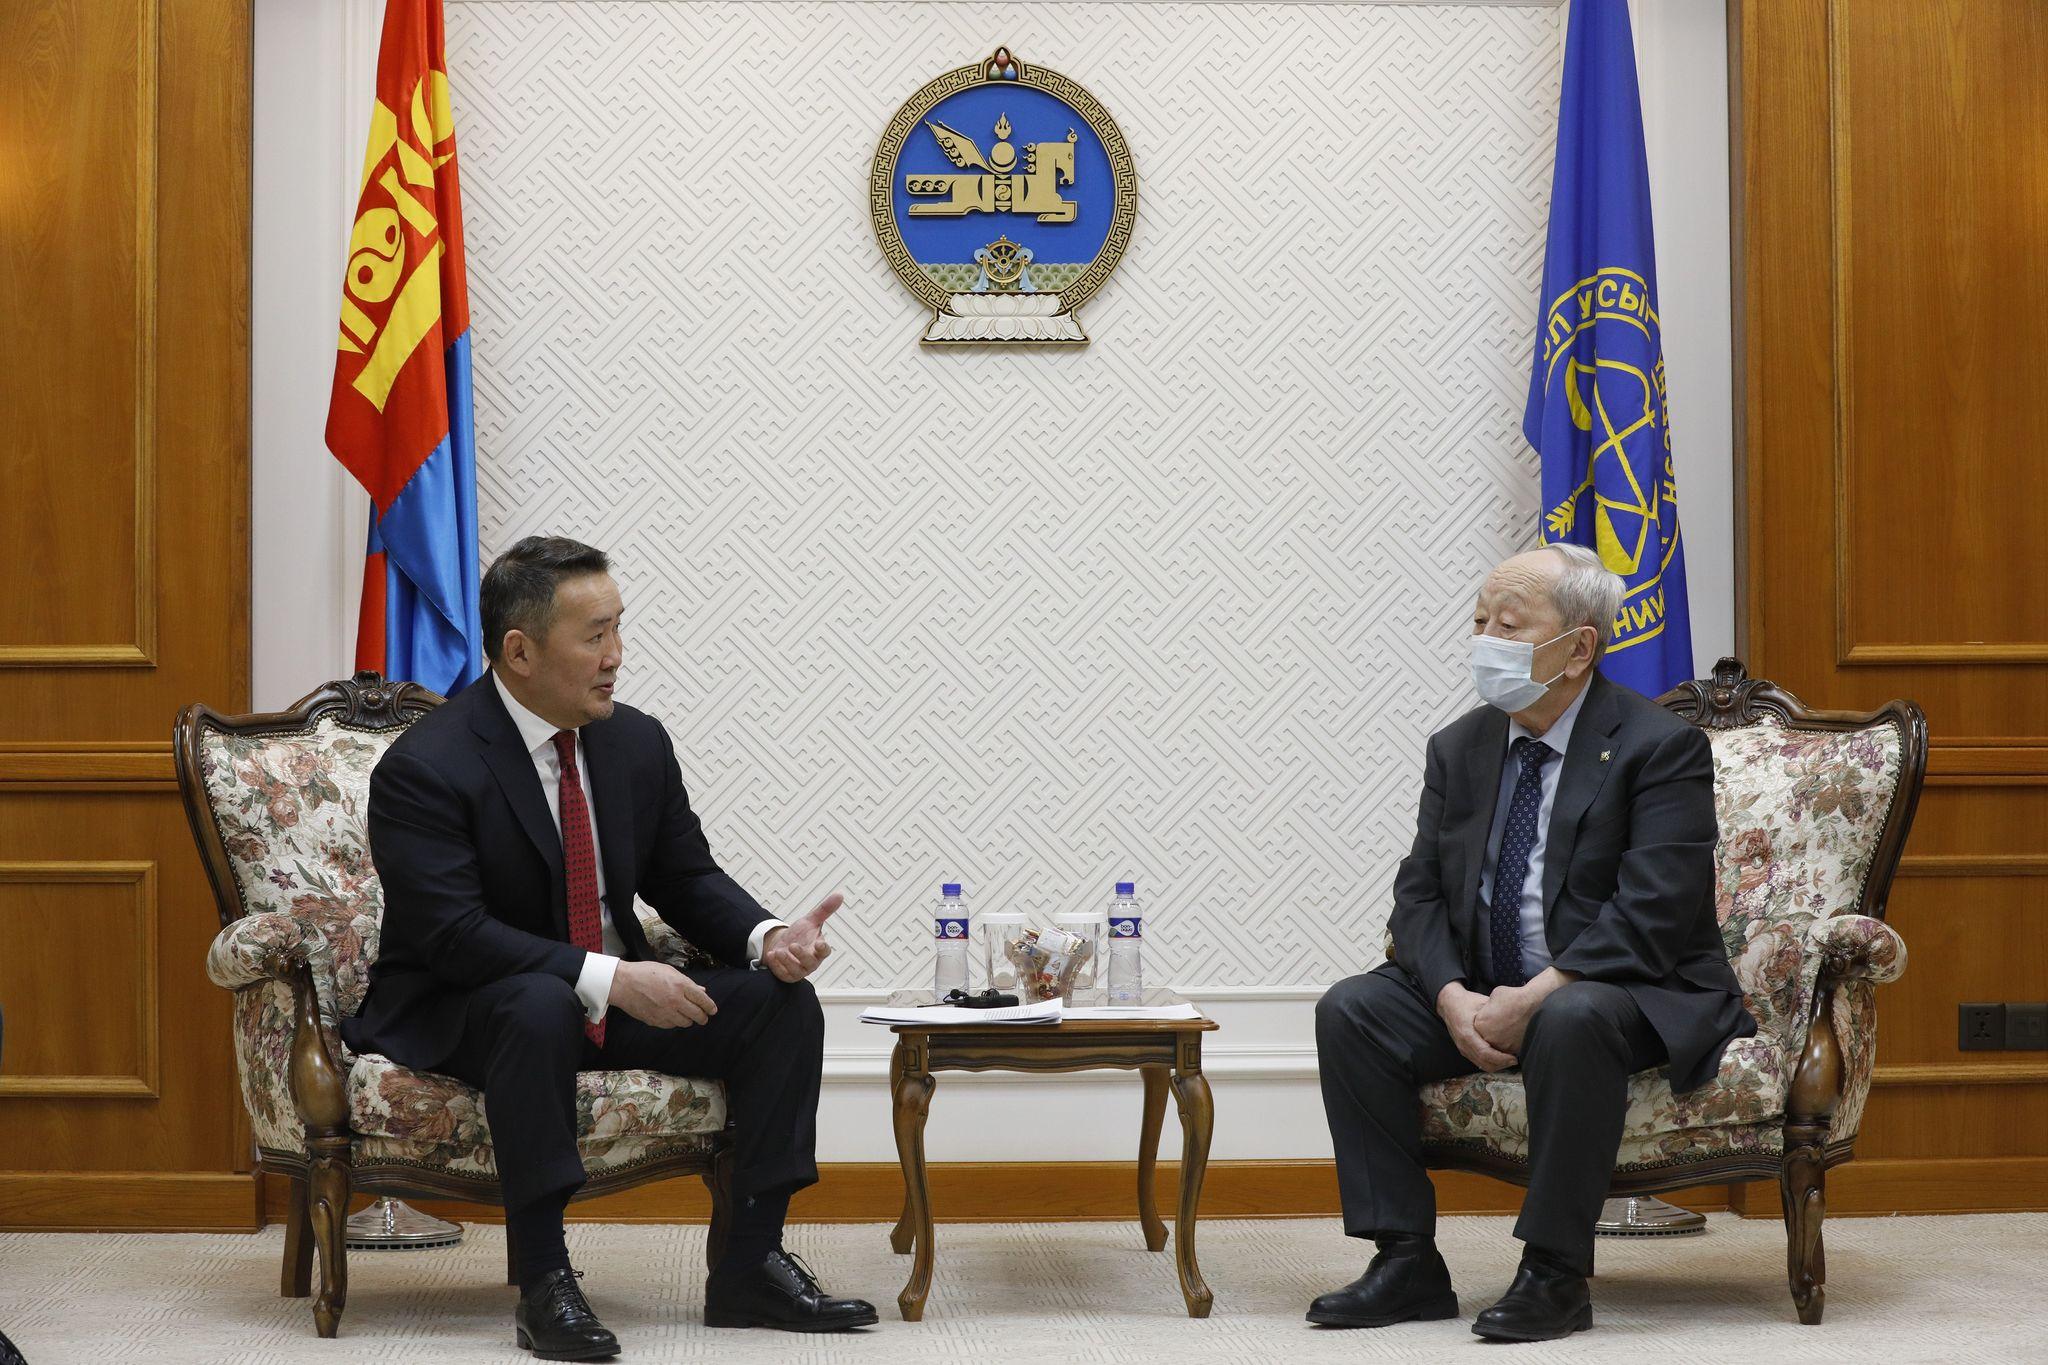 Монгол Улсын Ерөнхийлөгч Х.Баттулга Үндсэн хуулийн цэцэд хүсэлт гаргалаа